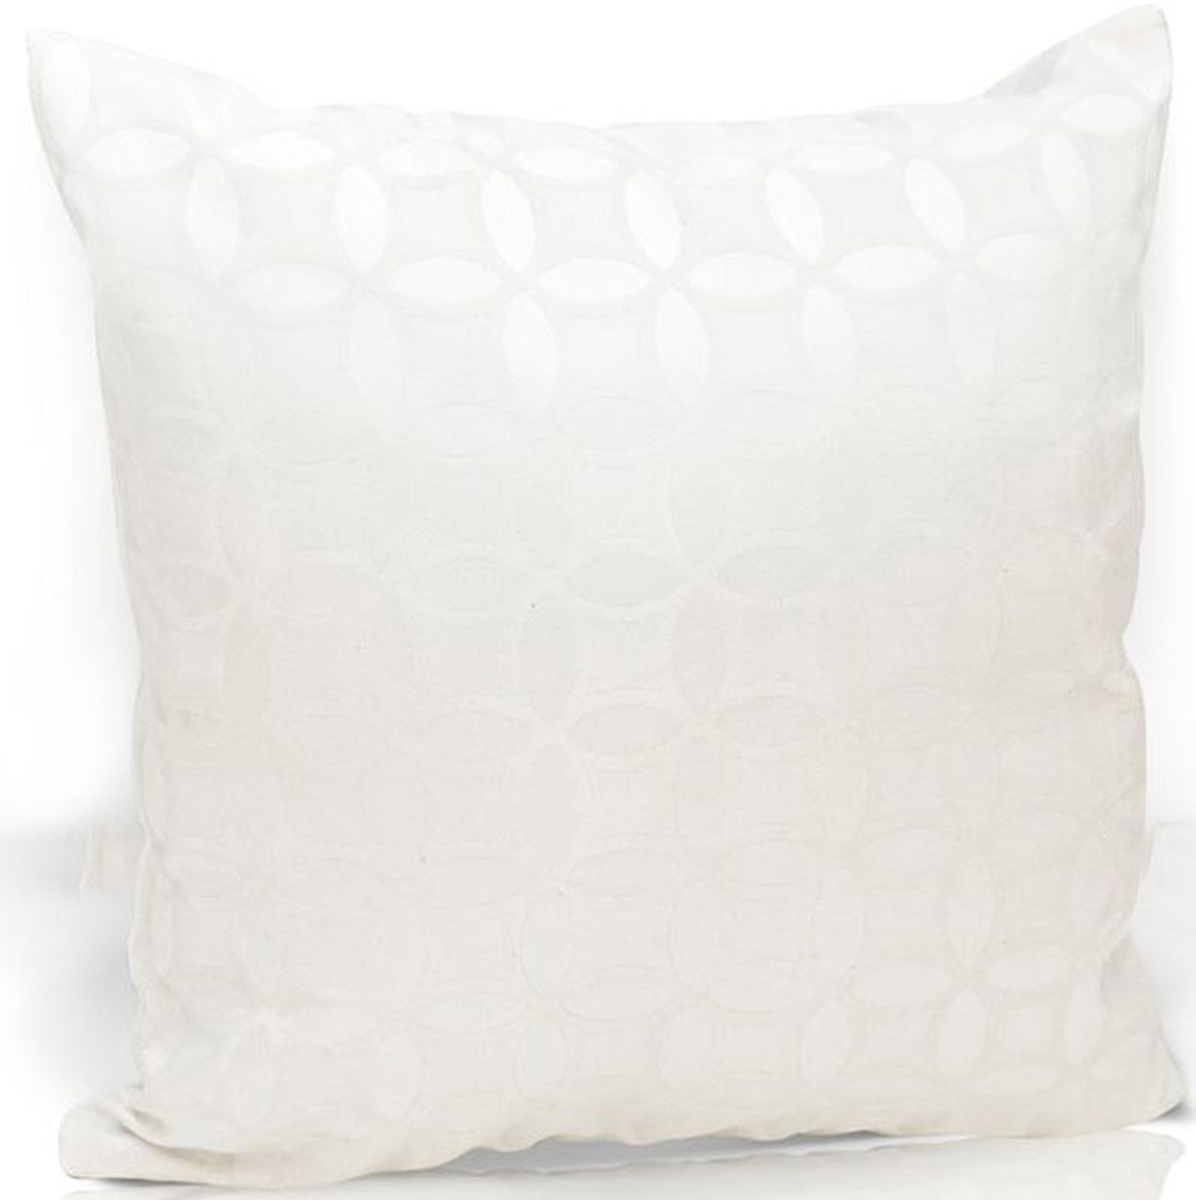 """Декоративная подушка """"KauffOrt """" прекрасно дополнит интерьер спальни или гостиной. Чехол  подушки выполнен из двухстороннего жаккарда (12% хлопок, 76% полиэстер, 12% полиакрил). Внутри находится мягкий наполнитель.  Чехол легко снимается  благодаря потайной молнии."""